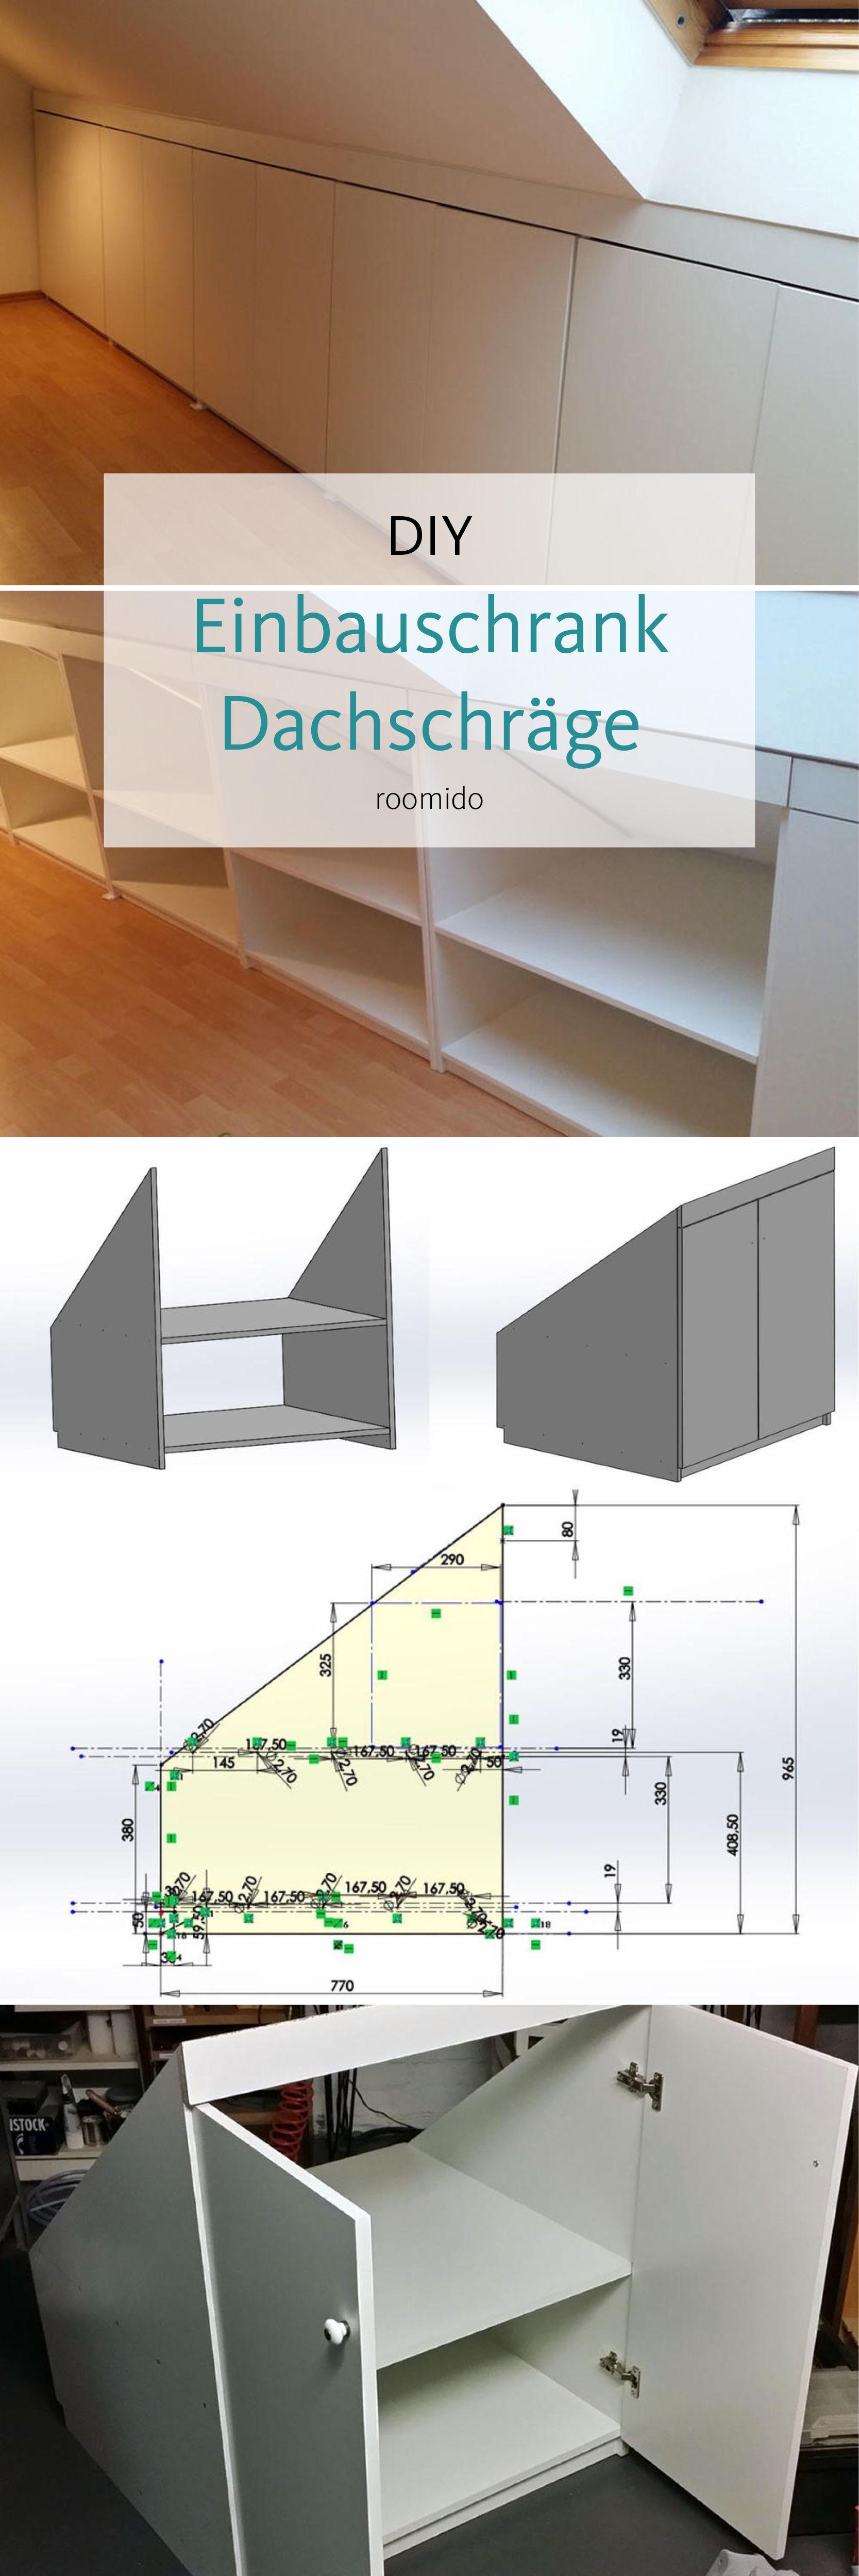 Super Dachschrägen: Platz optimal ausnutzen, so geht's! | my home SU77